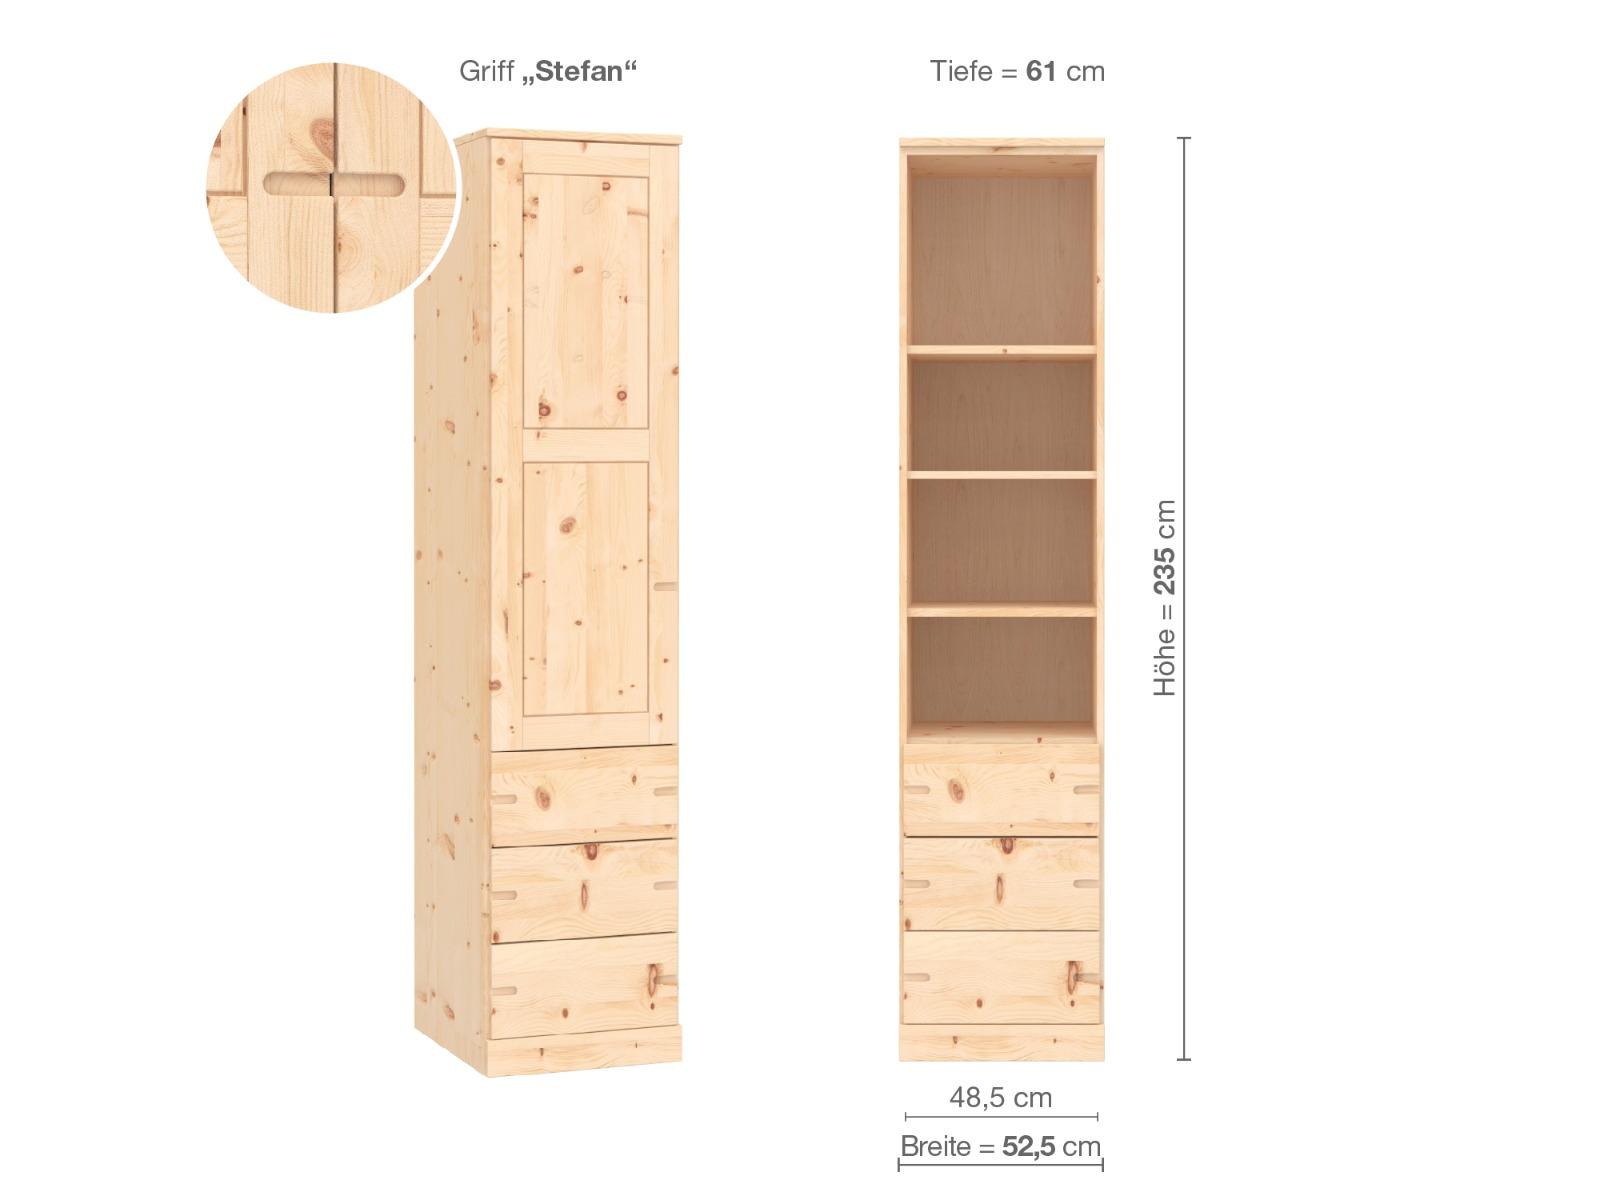 """Zirbenschrank """"Enzian"""", 1-türig, Höhe 235 cm, Griffausführung """"Stefan"""", Inneneinrichtung D, Türanschlag links"""